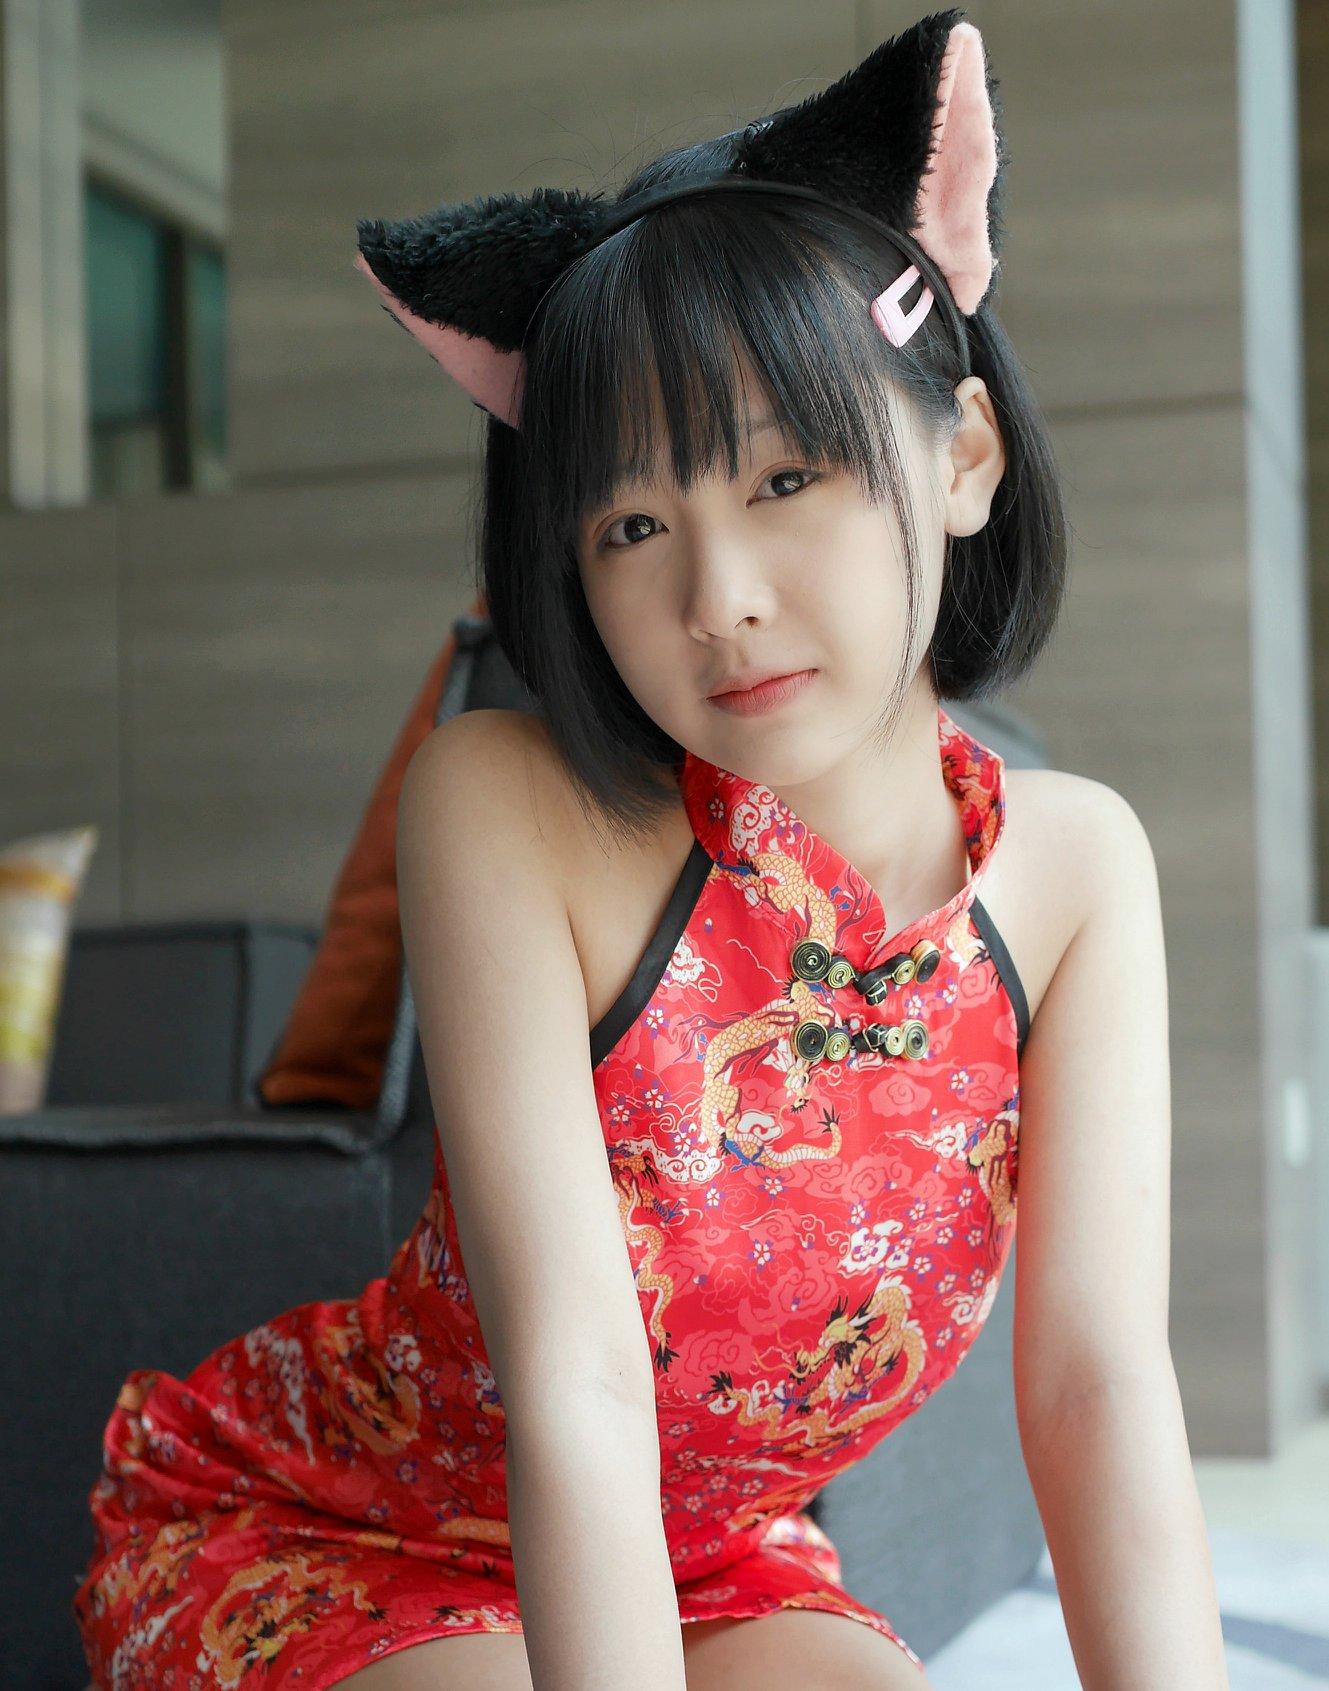 推特疯传《泰国JG美少女》原本以为的伪娘,真相却让网友大感失望?插图